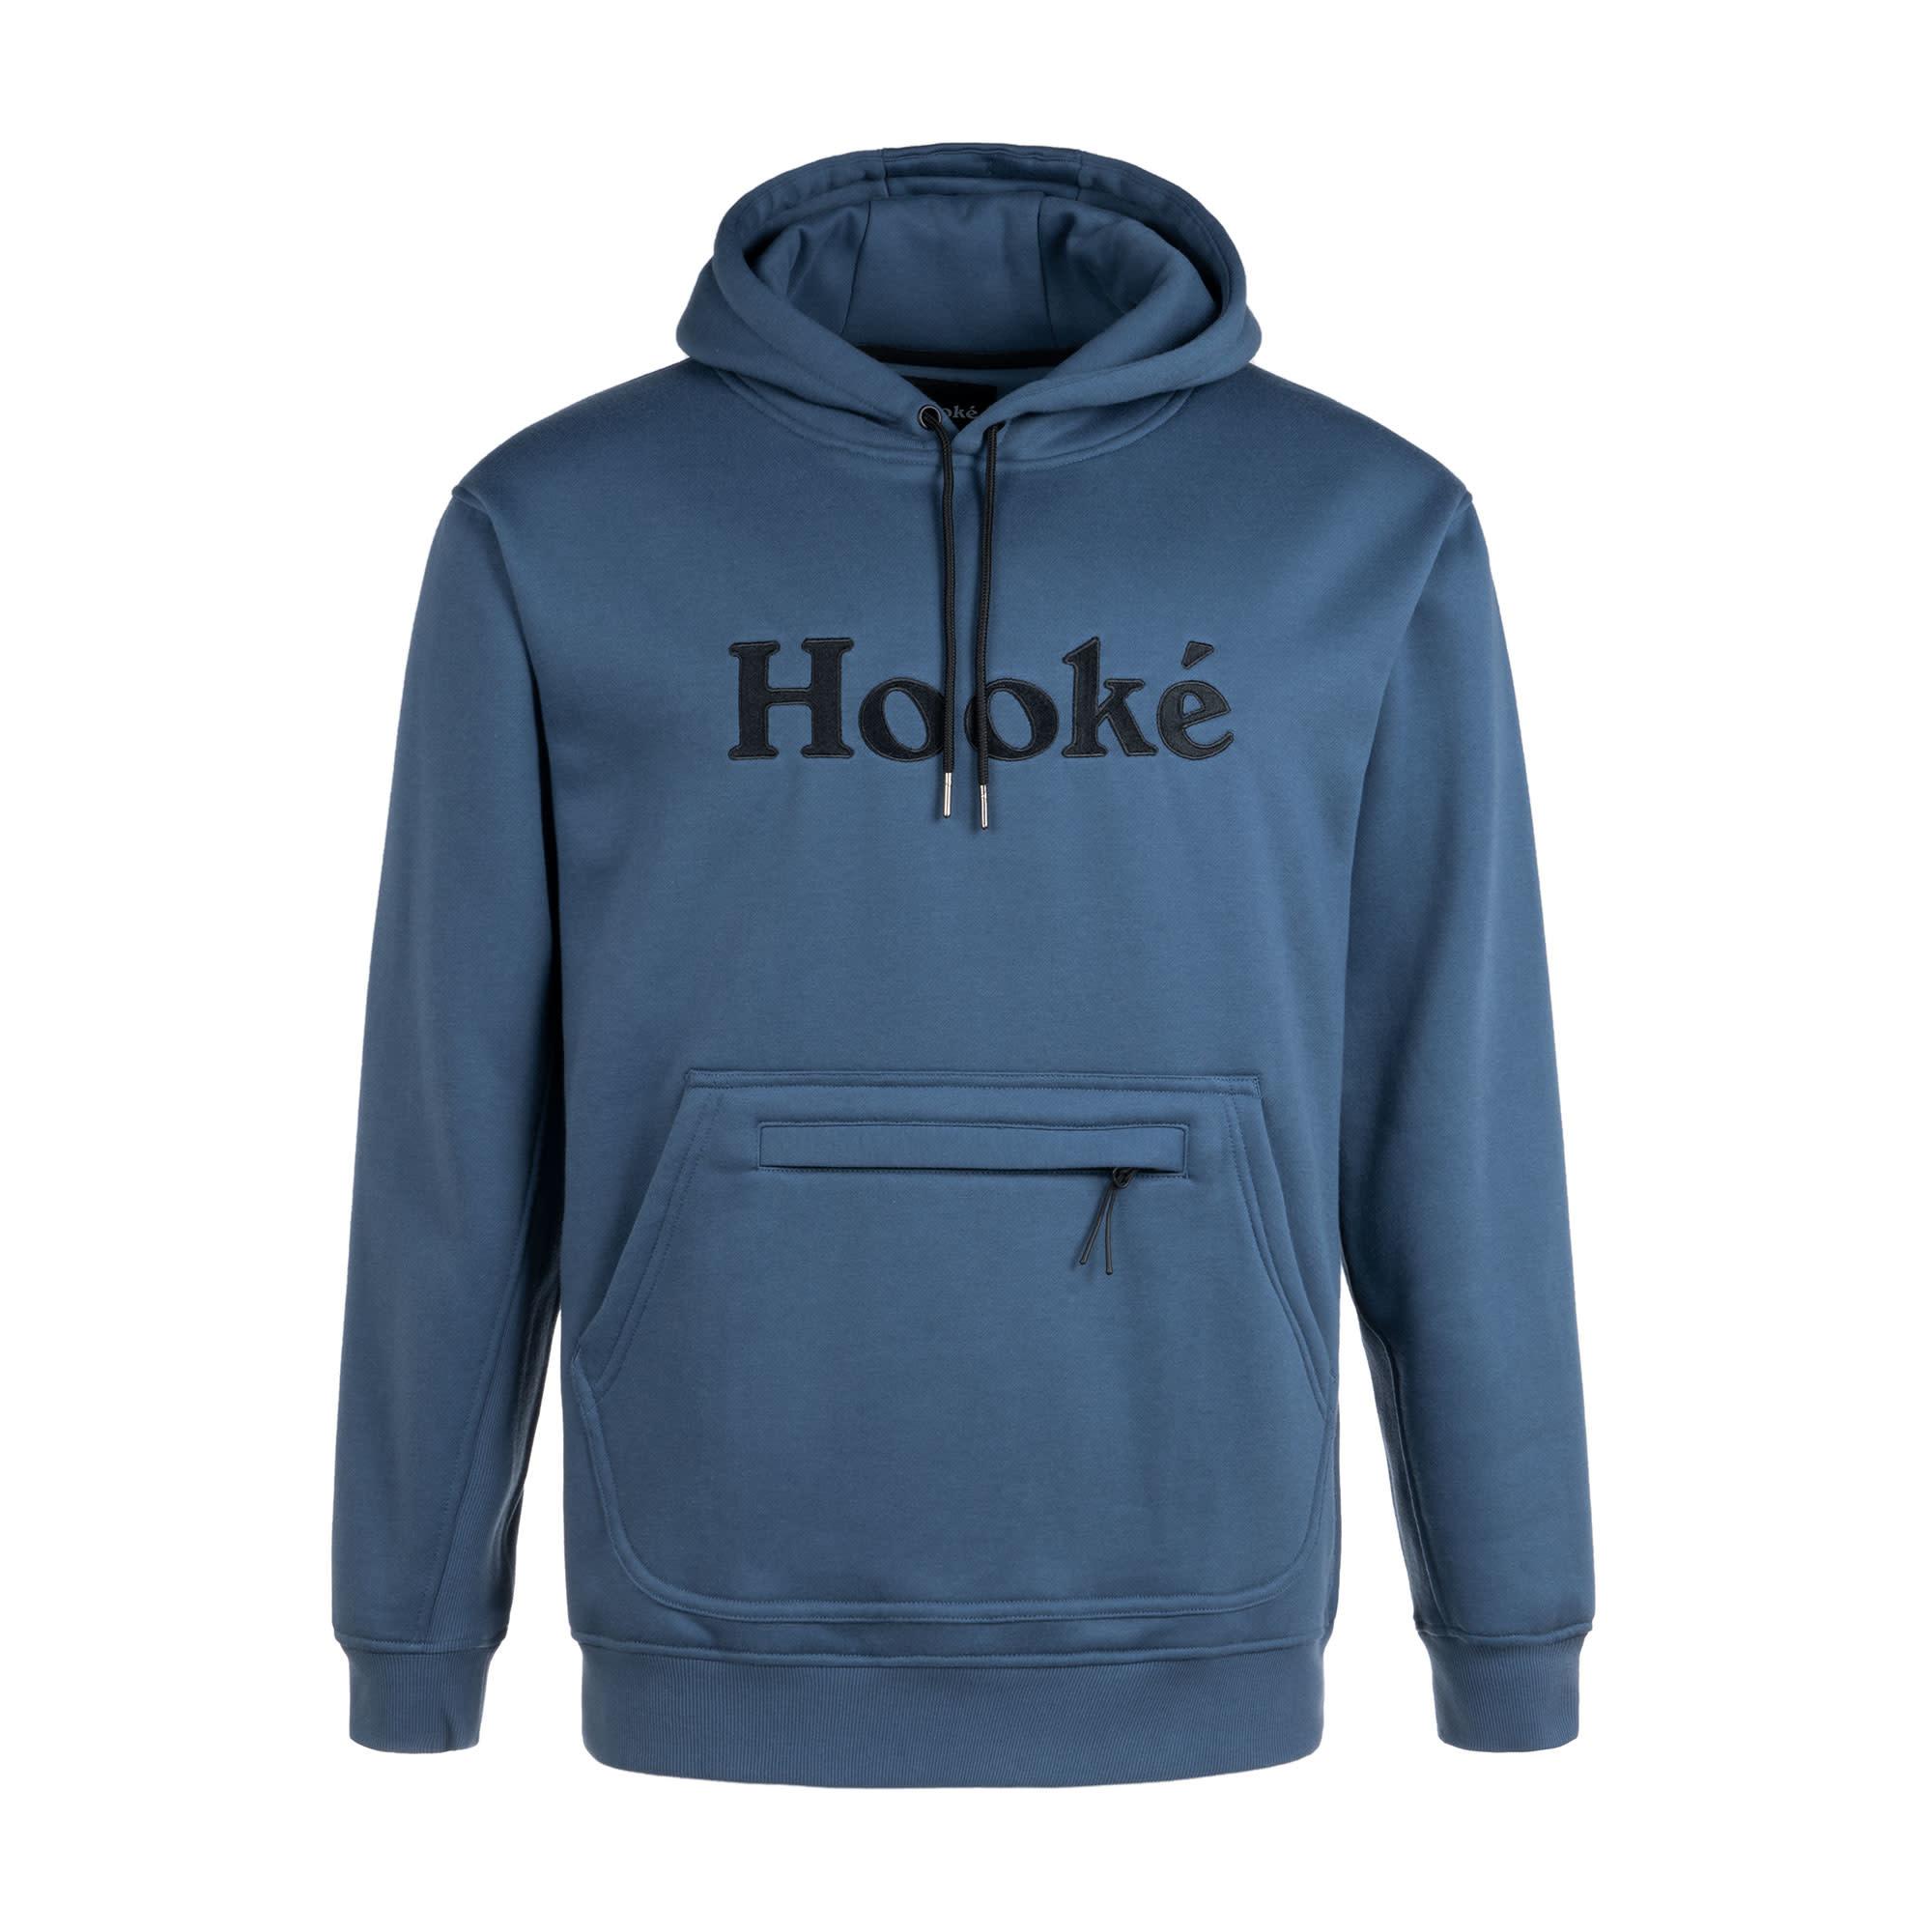 Hooké Original Hoodie Indigo Blue